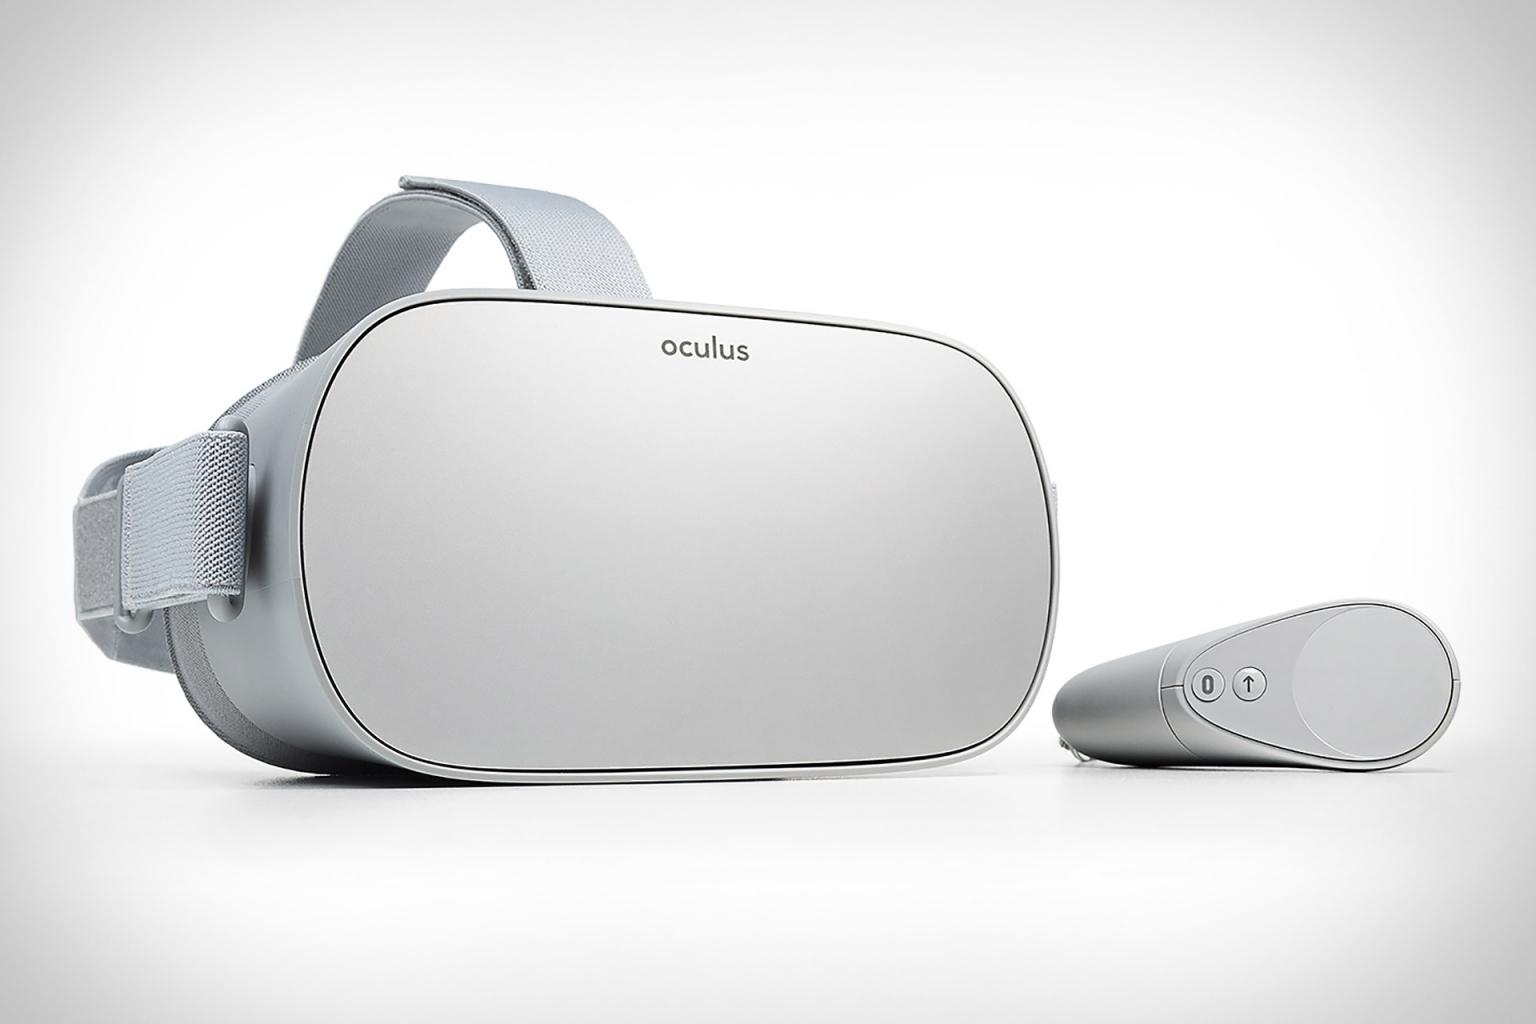 Megszünteti a Facebook az Oculus Go forgalmazását, felkészül a Rift S